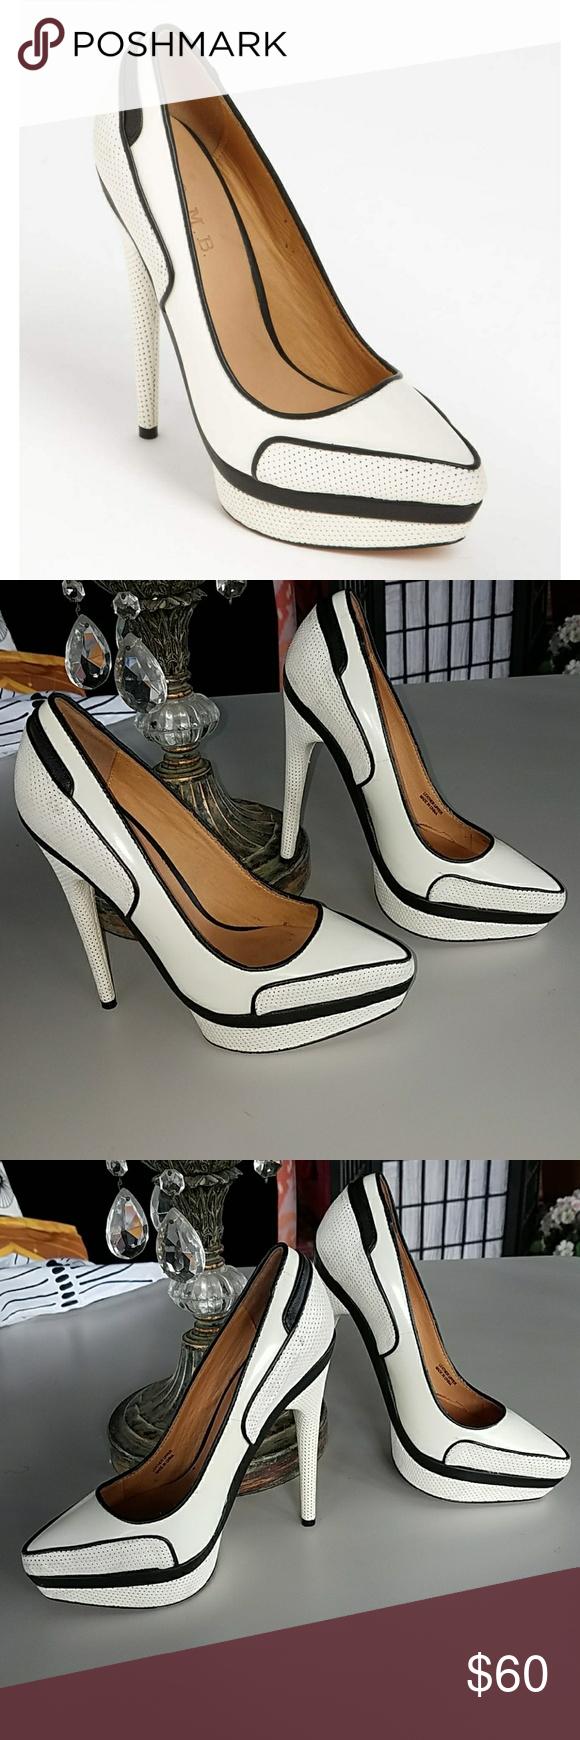 L.A.M.B sz Lamb heels Ohio sz L.A.M.B 7 patent Pelle 8f1b57